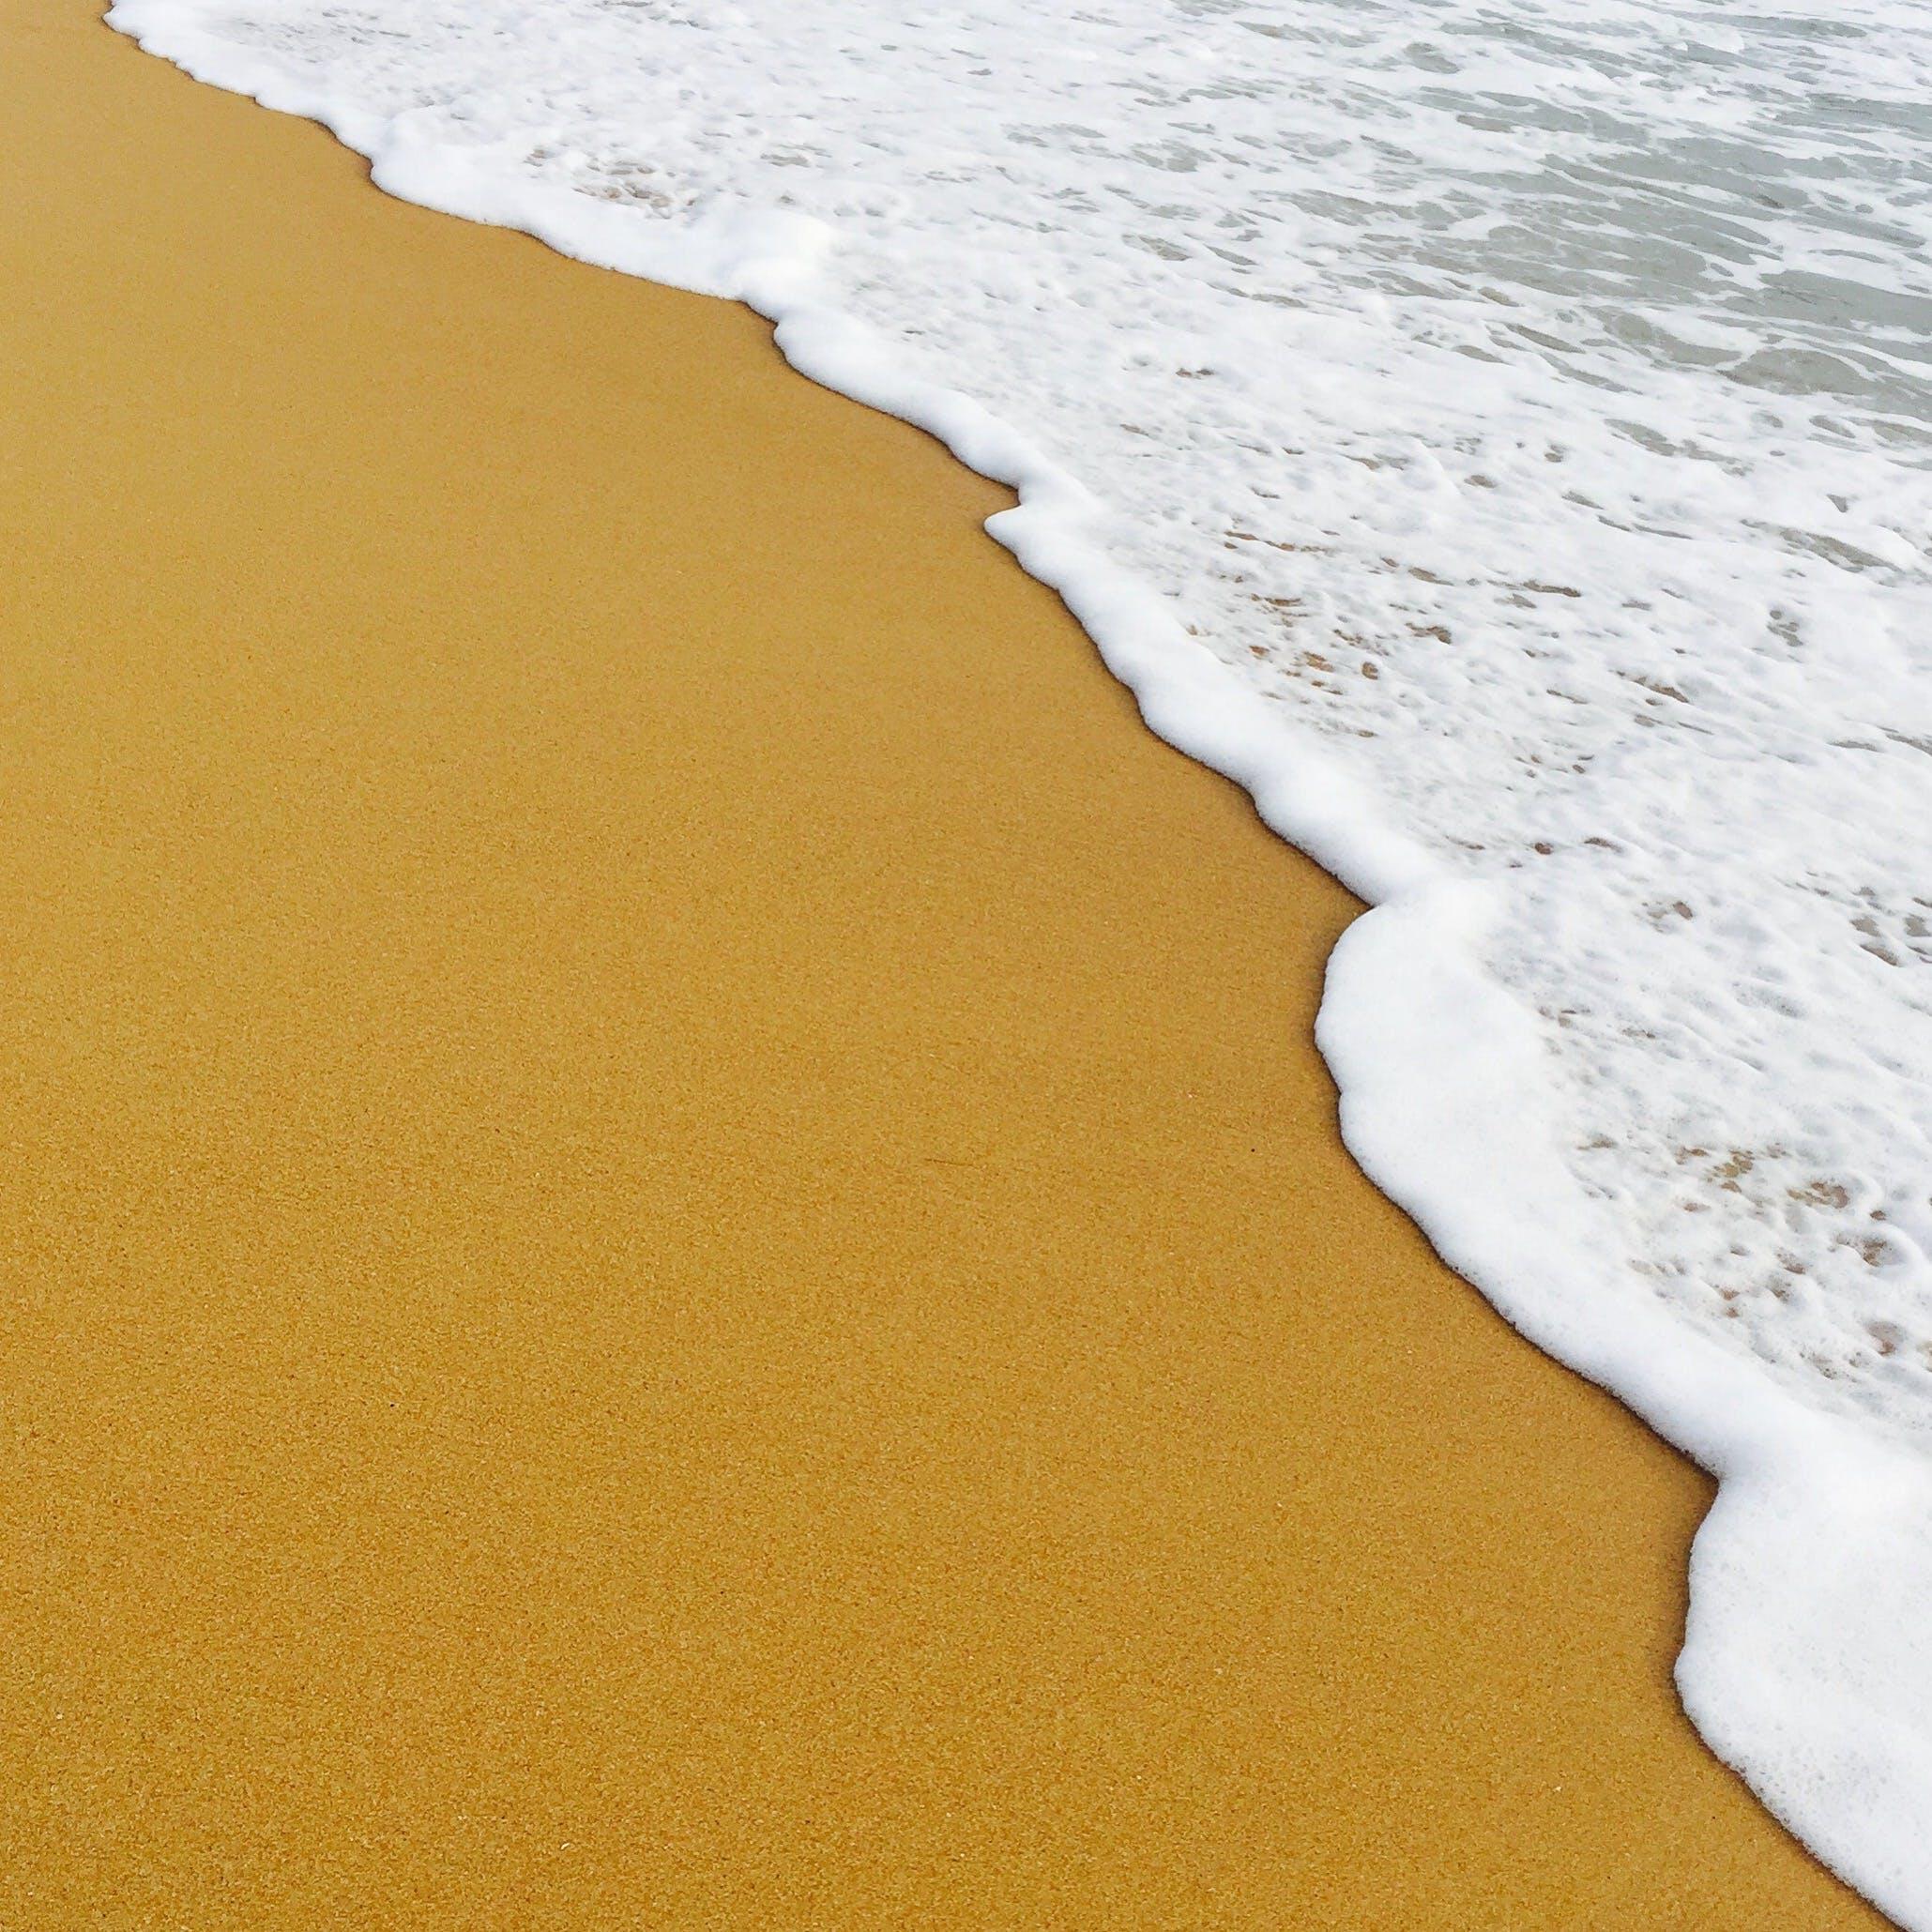 岸邊, 水, 沙灘, 浪潮 的 免费素材照片